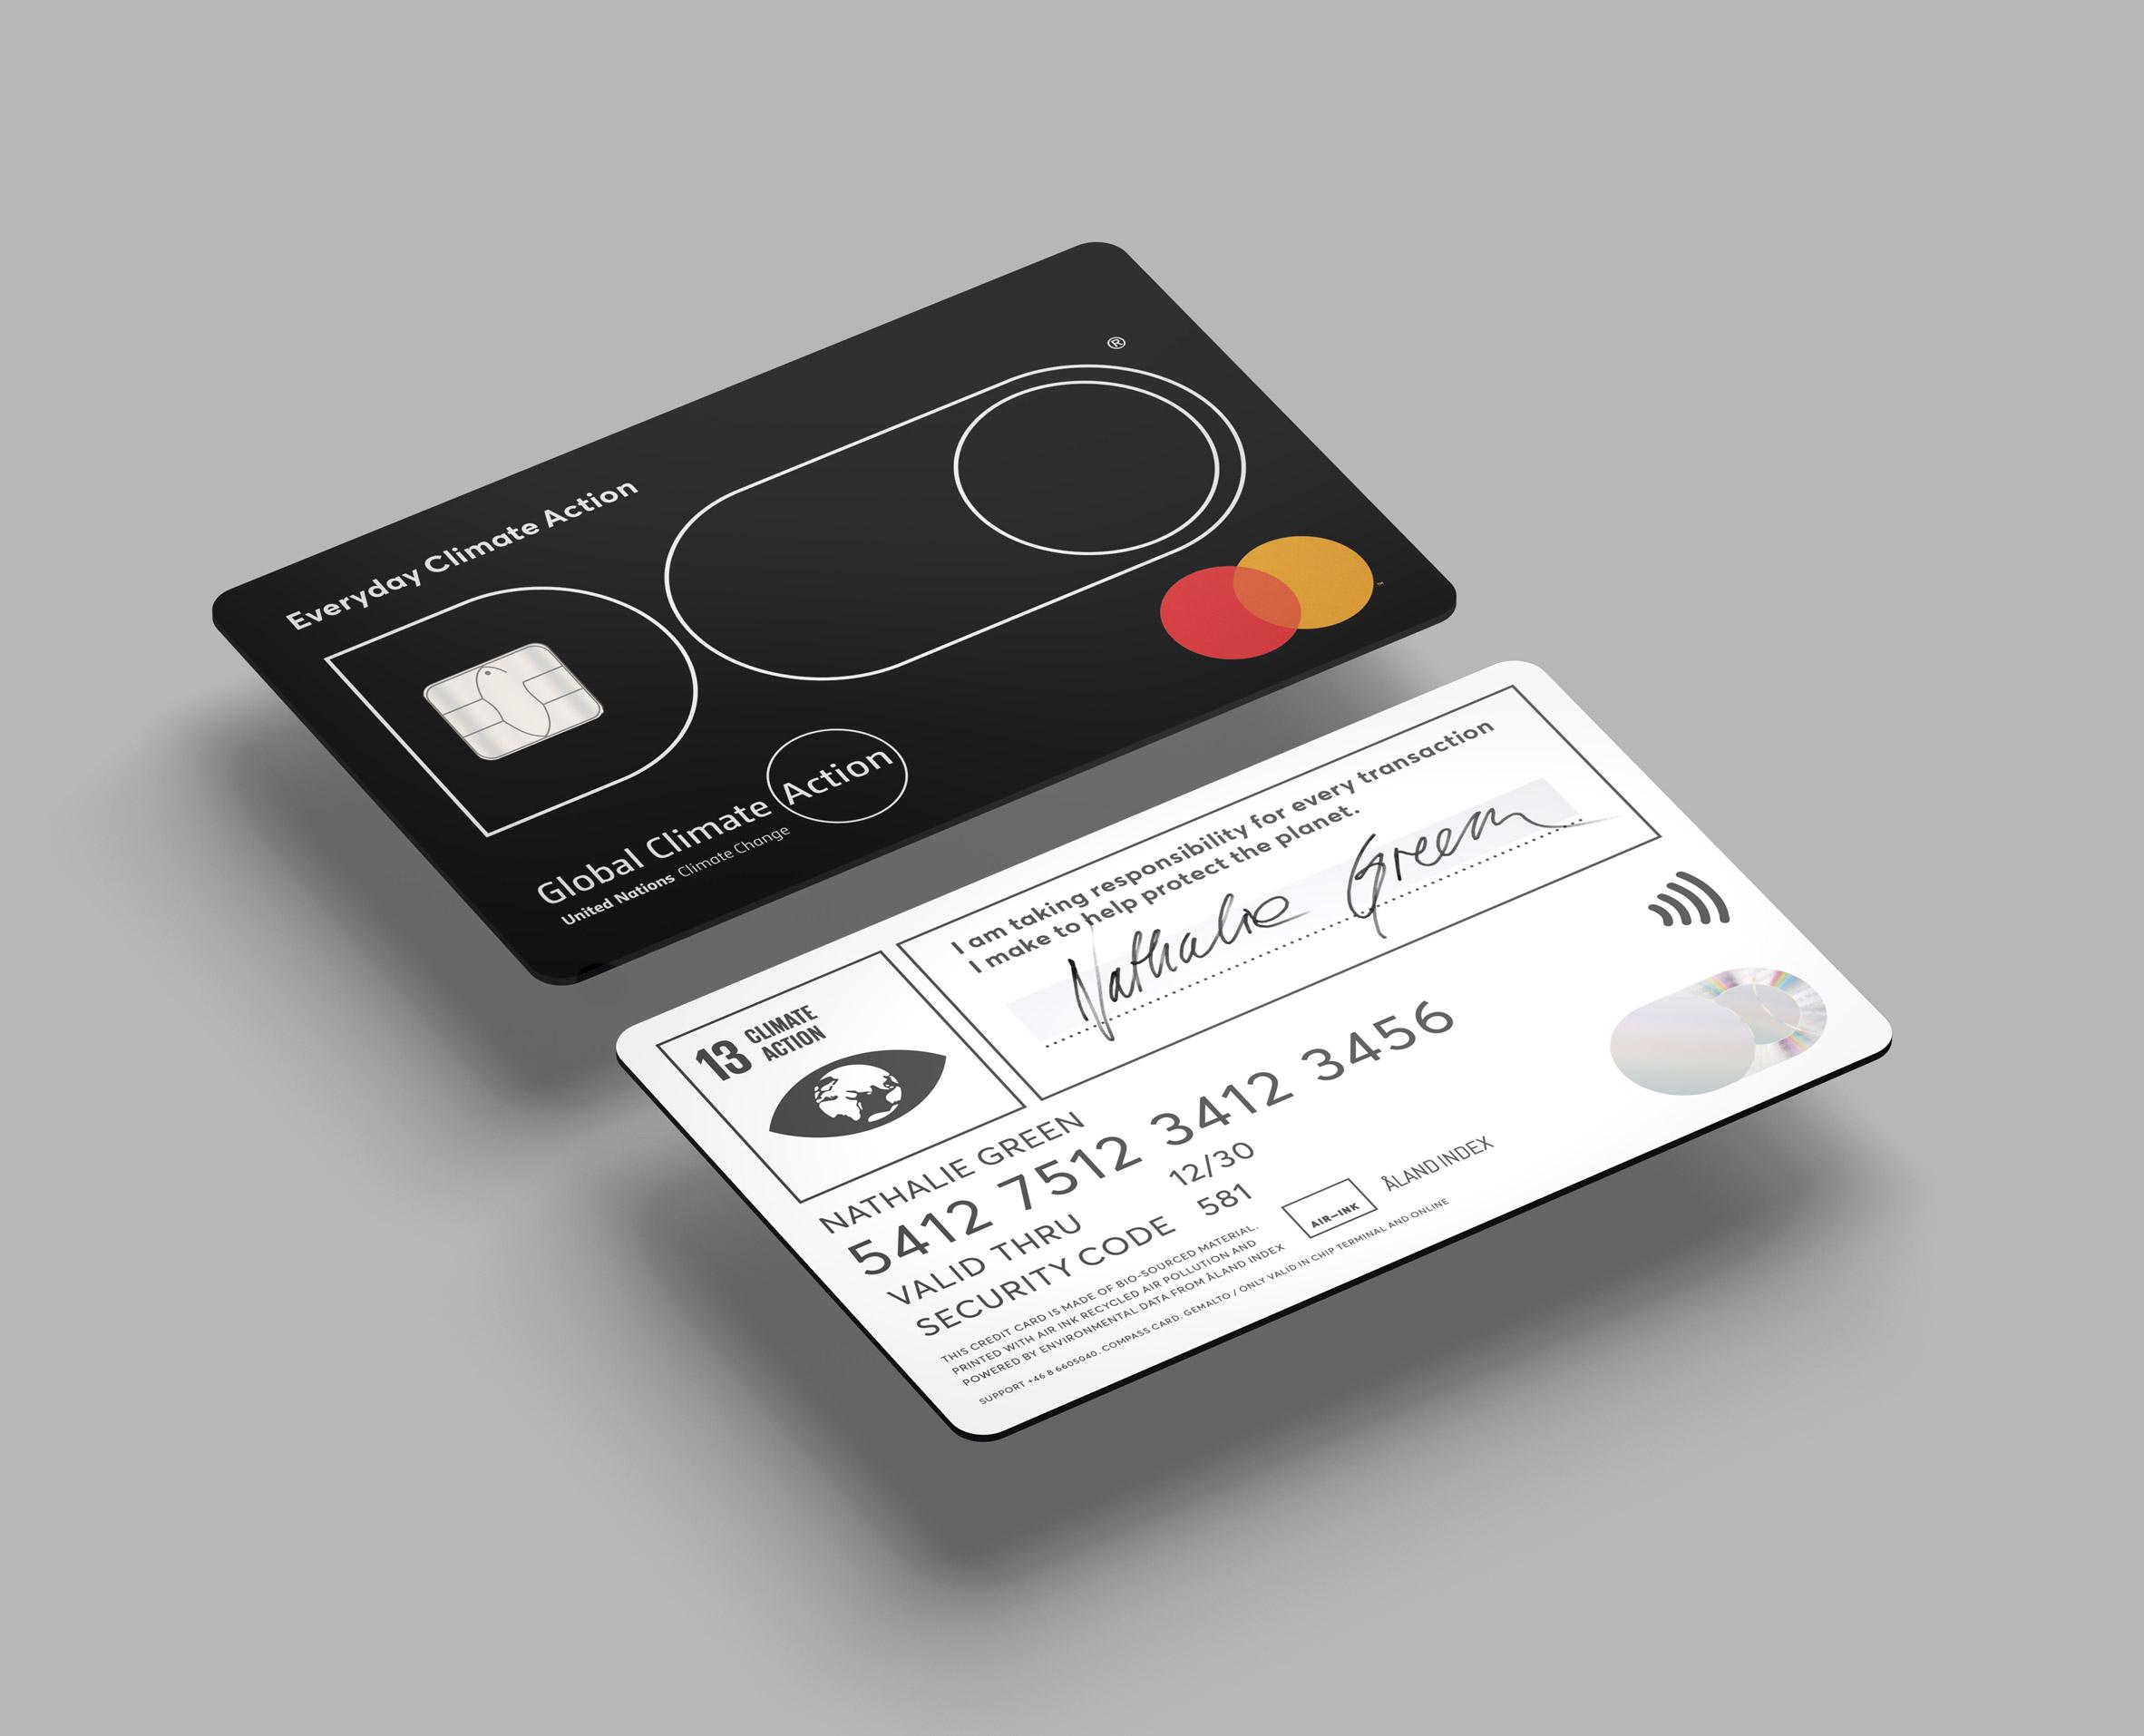 DO Black Card บัตรเครดิตเตือนสติ ลดคาร์บอนฟุตพรินท์ ลดการบริโภคฟุ่มเฟือย